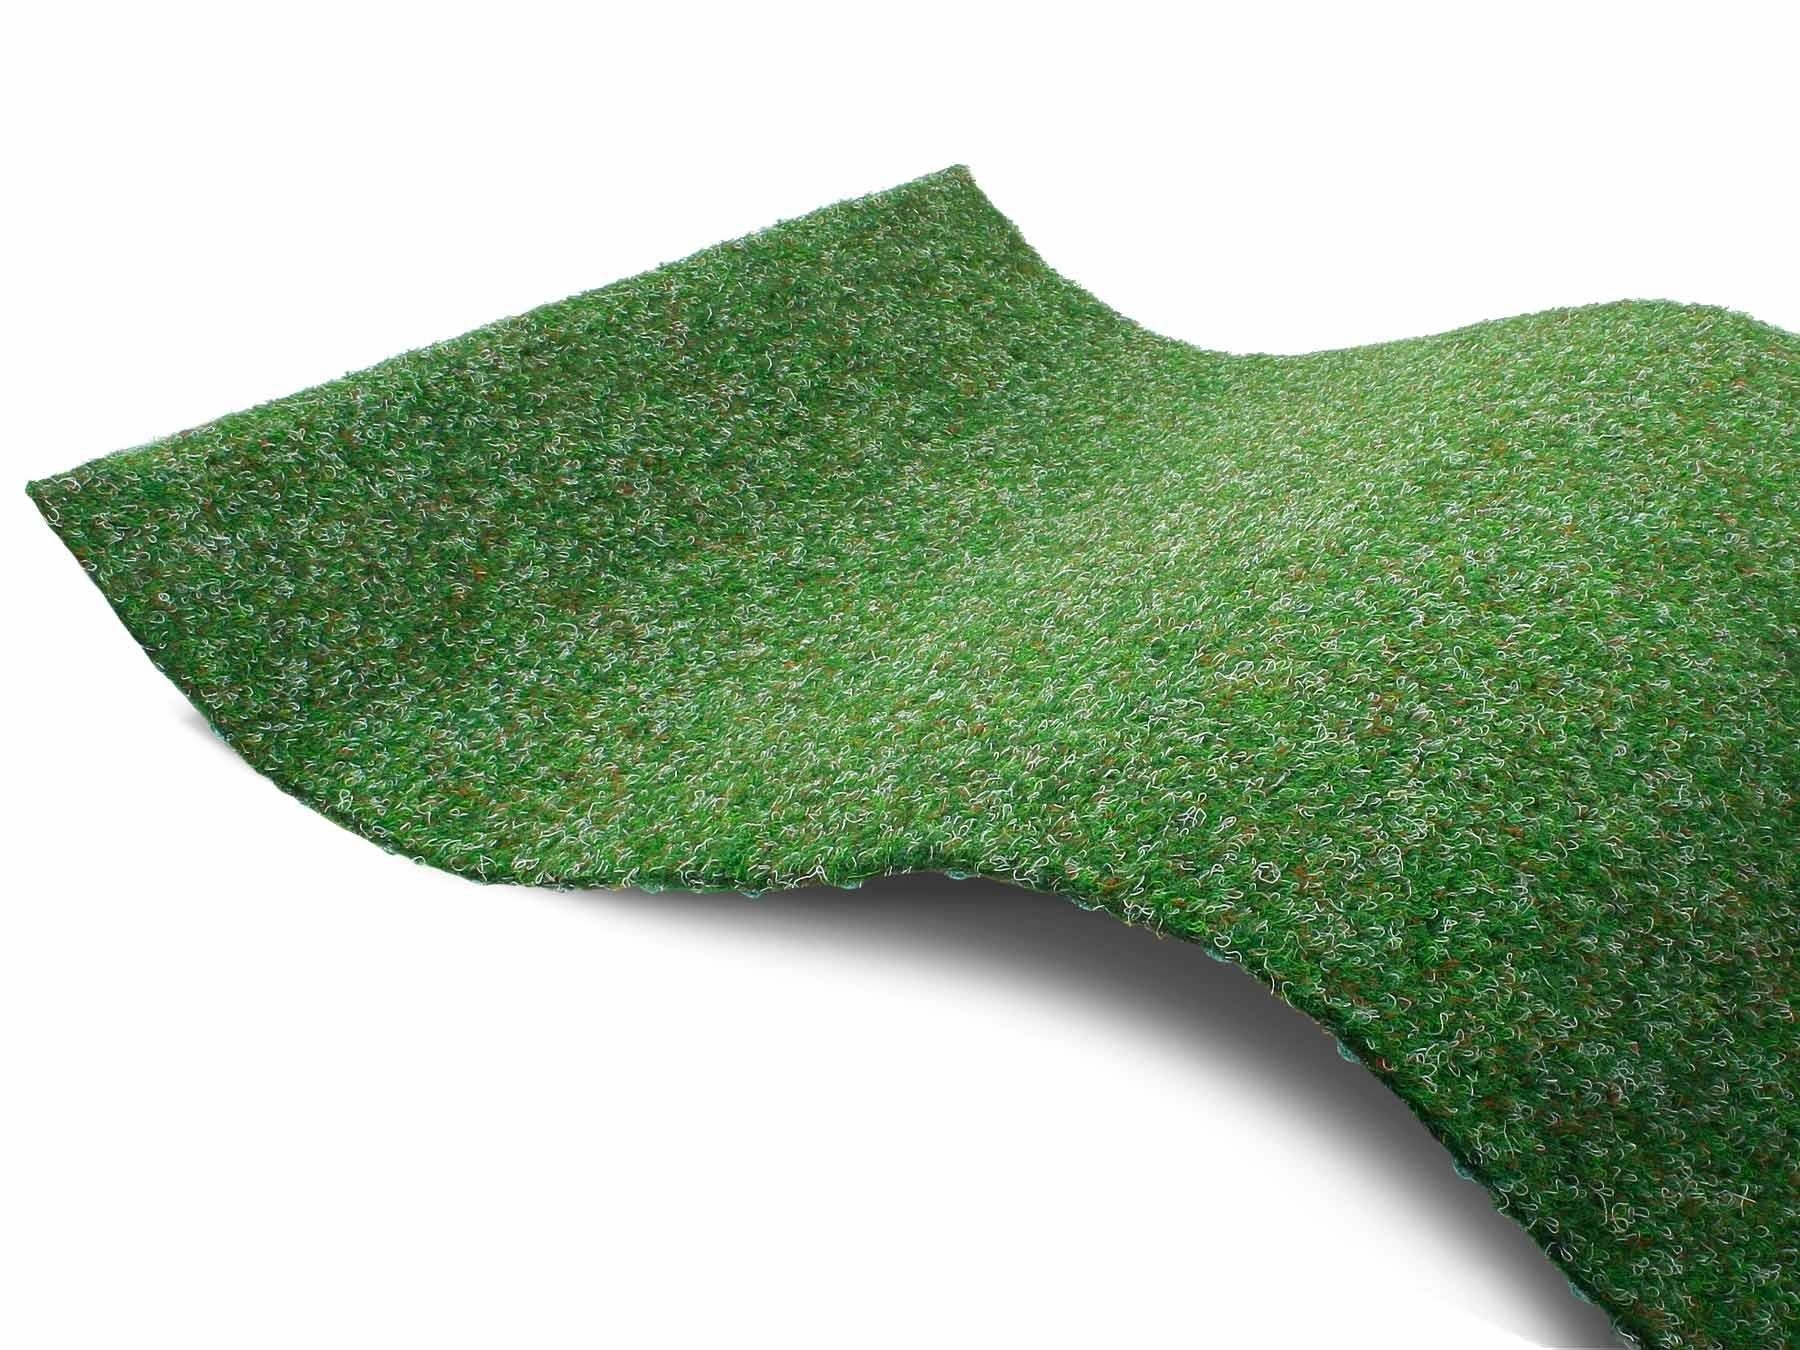 Primaflor-Ideen in Textil outdoorkleed »GREEN«, rechteckig, Höhe 7,5 mm - gratis ruilen op otto.nl